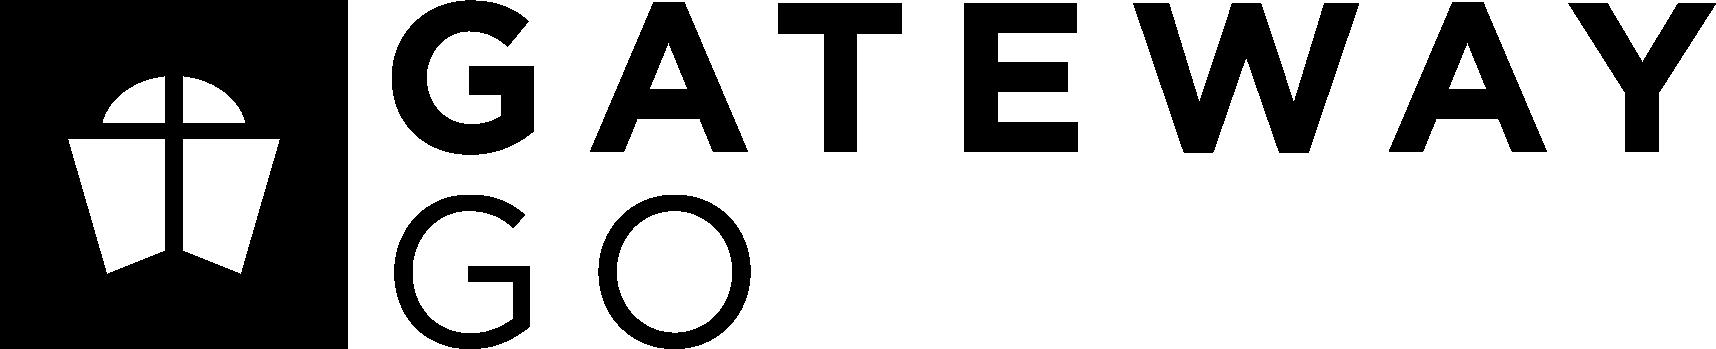 Gateway_Logo_Go_BW-01.png